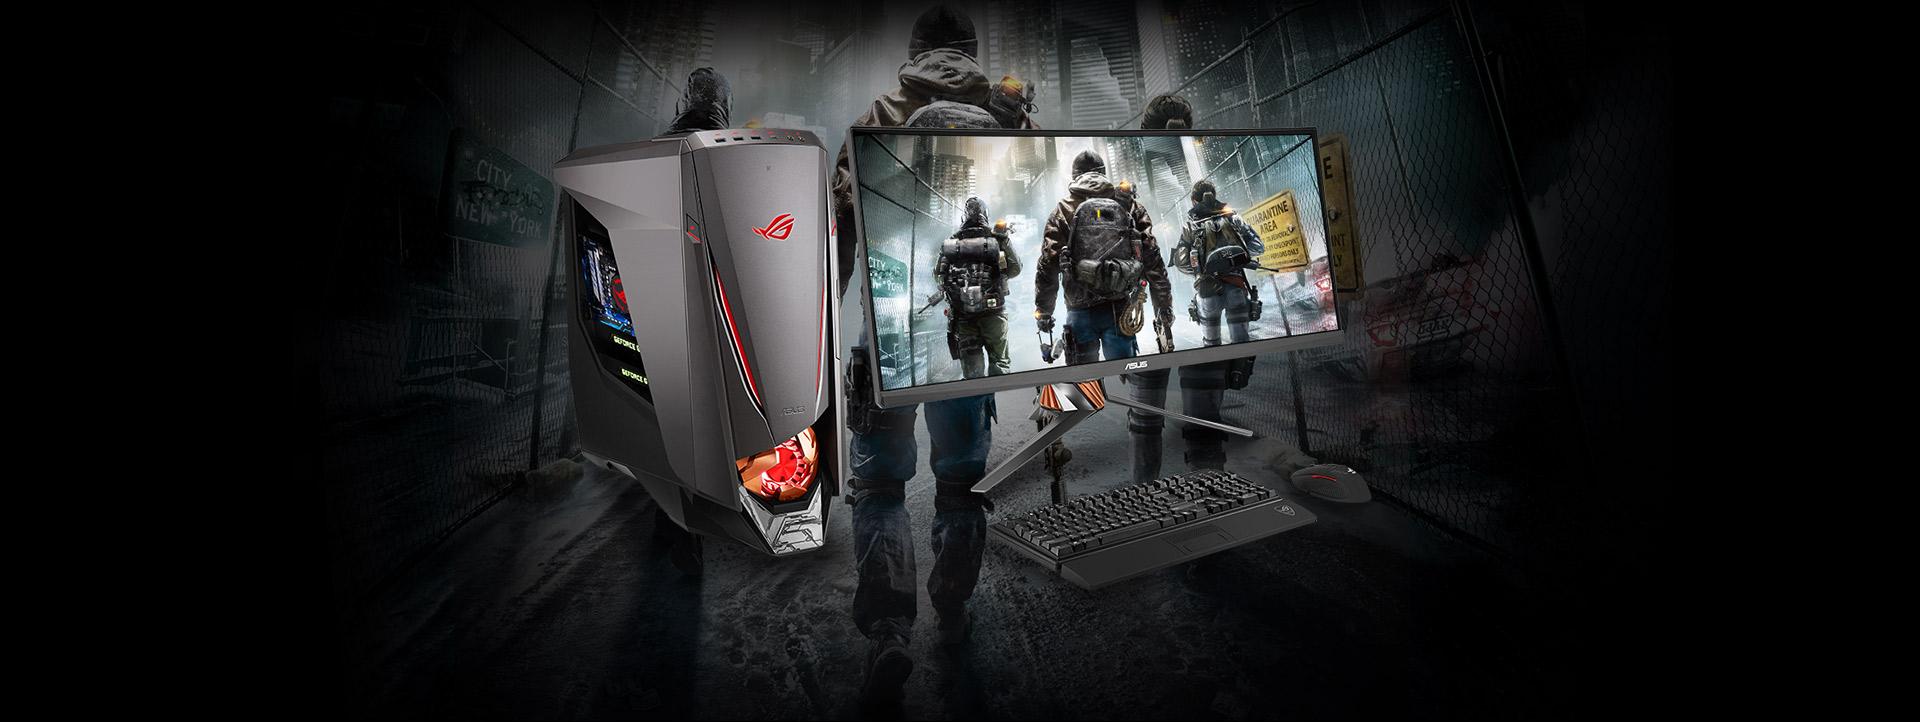 Asus ROG GT51CA-SG011T i7 W10 Laptop